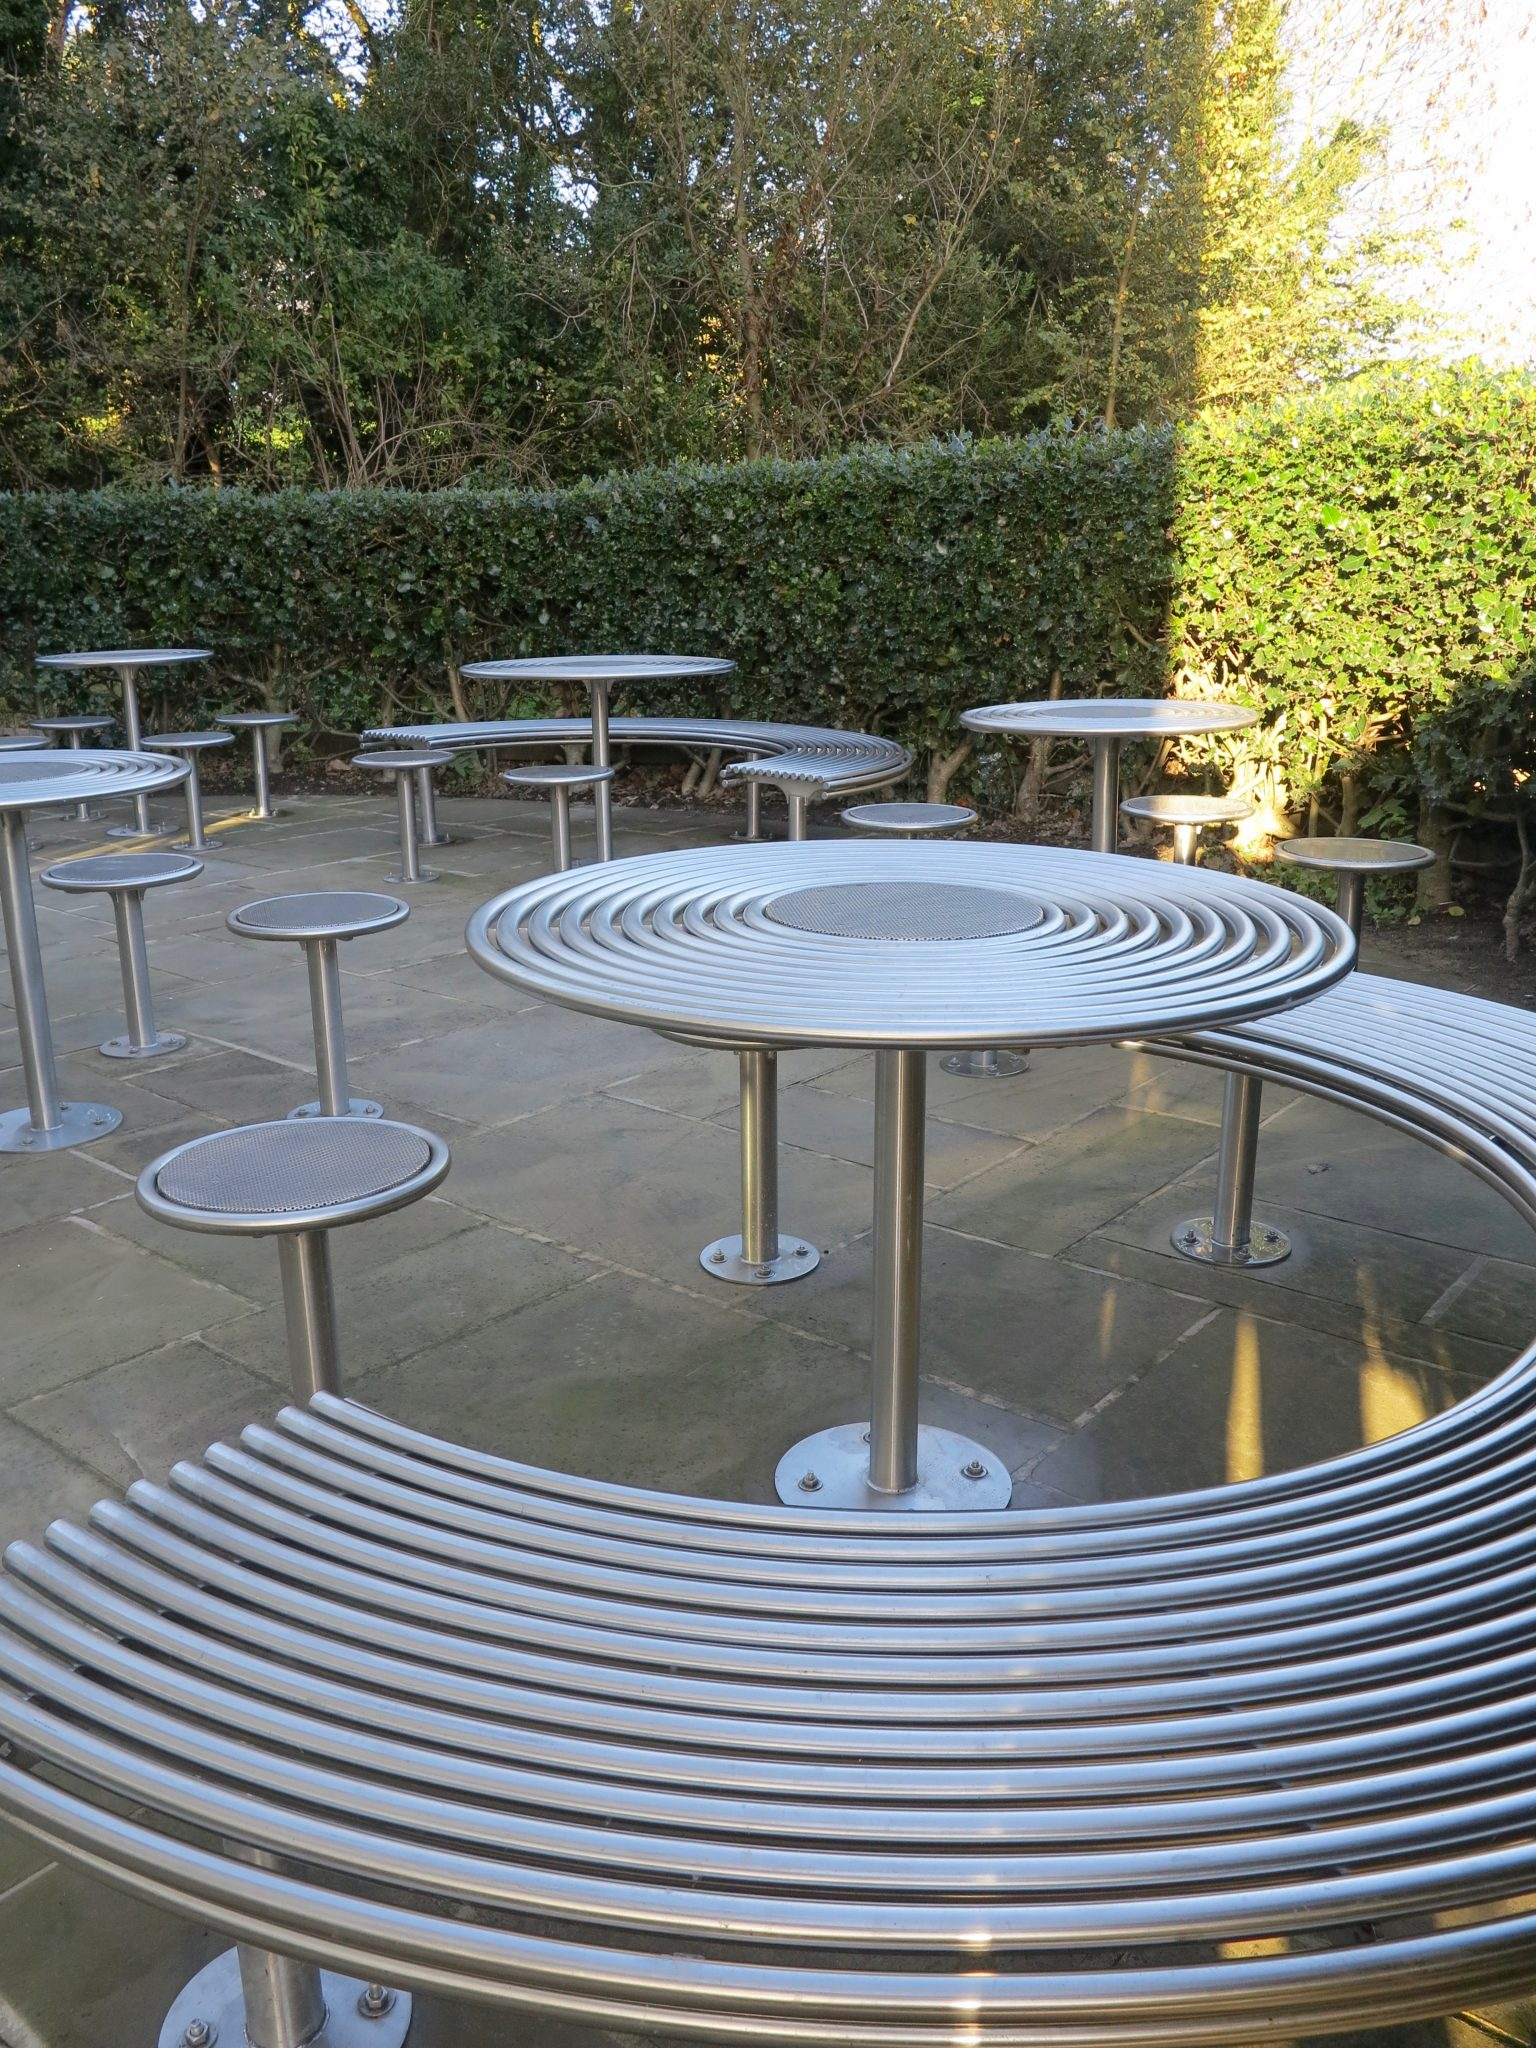 Bespoke street furniture for the University of Nottingham